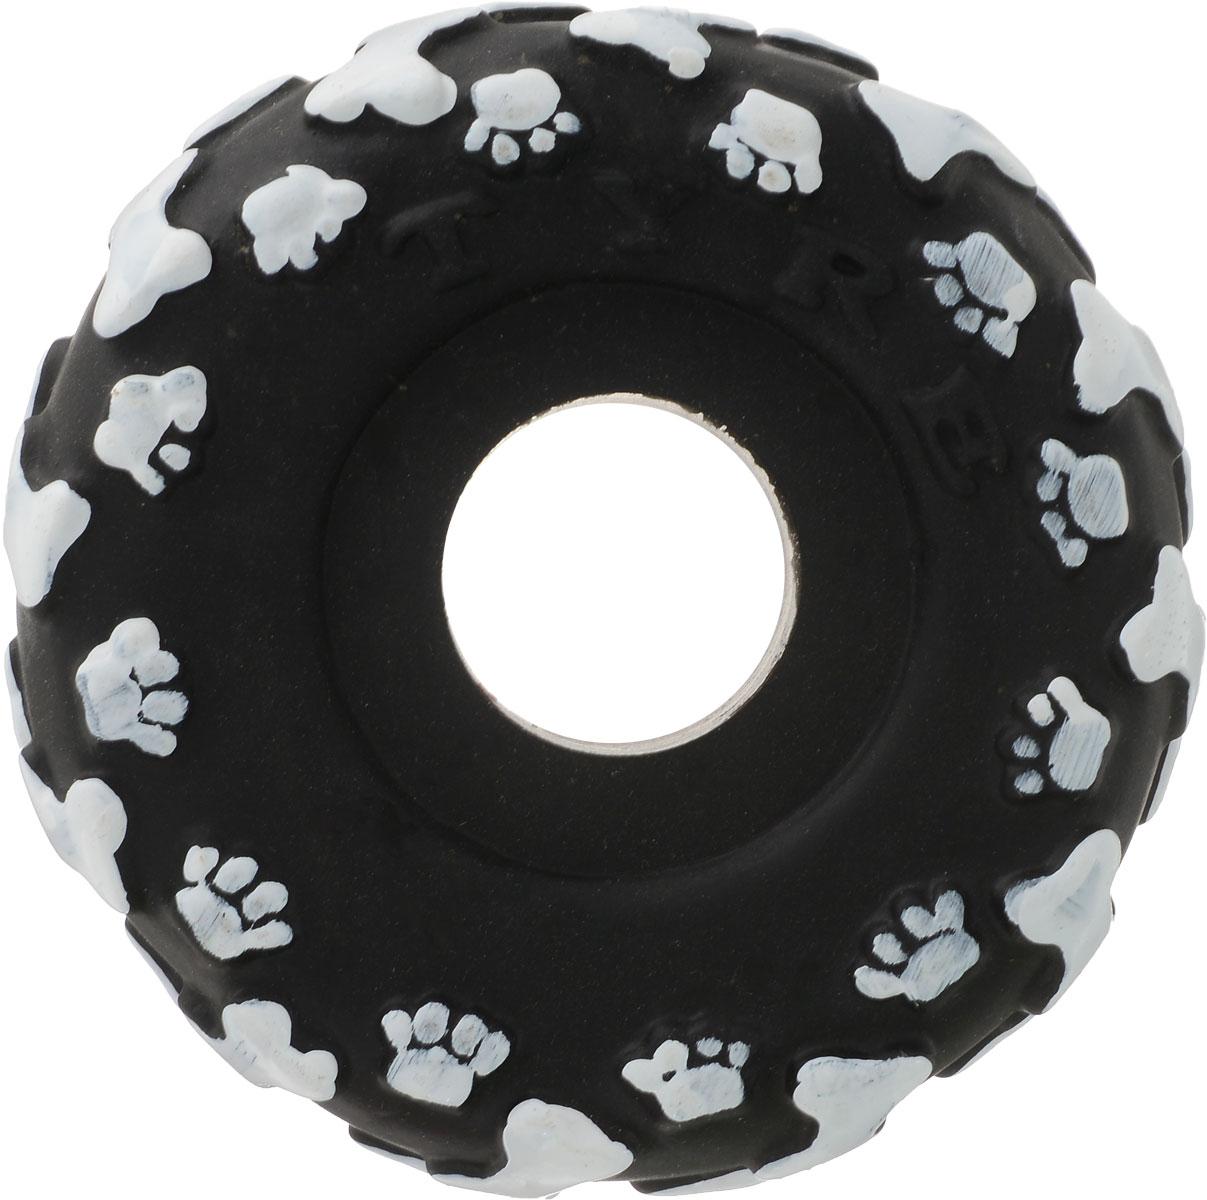 Игрушка для собак Уют Шина, цвет: черный, белый, 10 см товары для дома